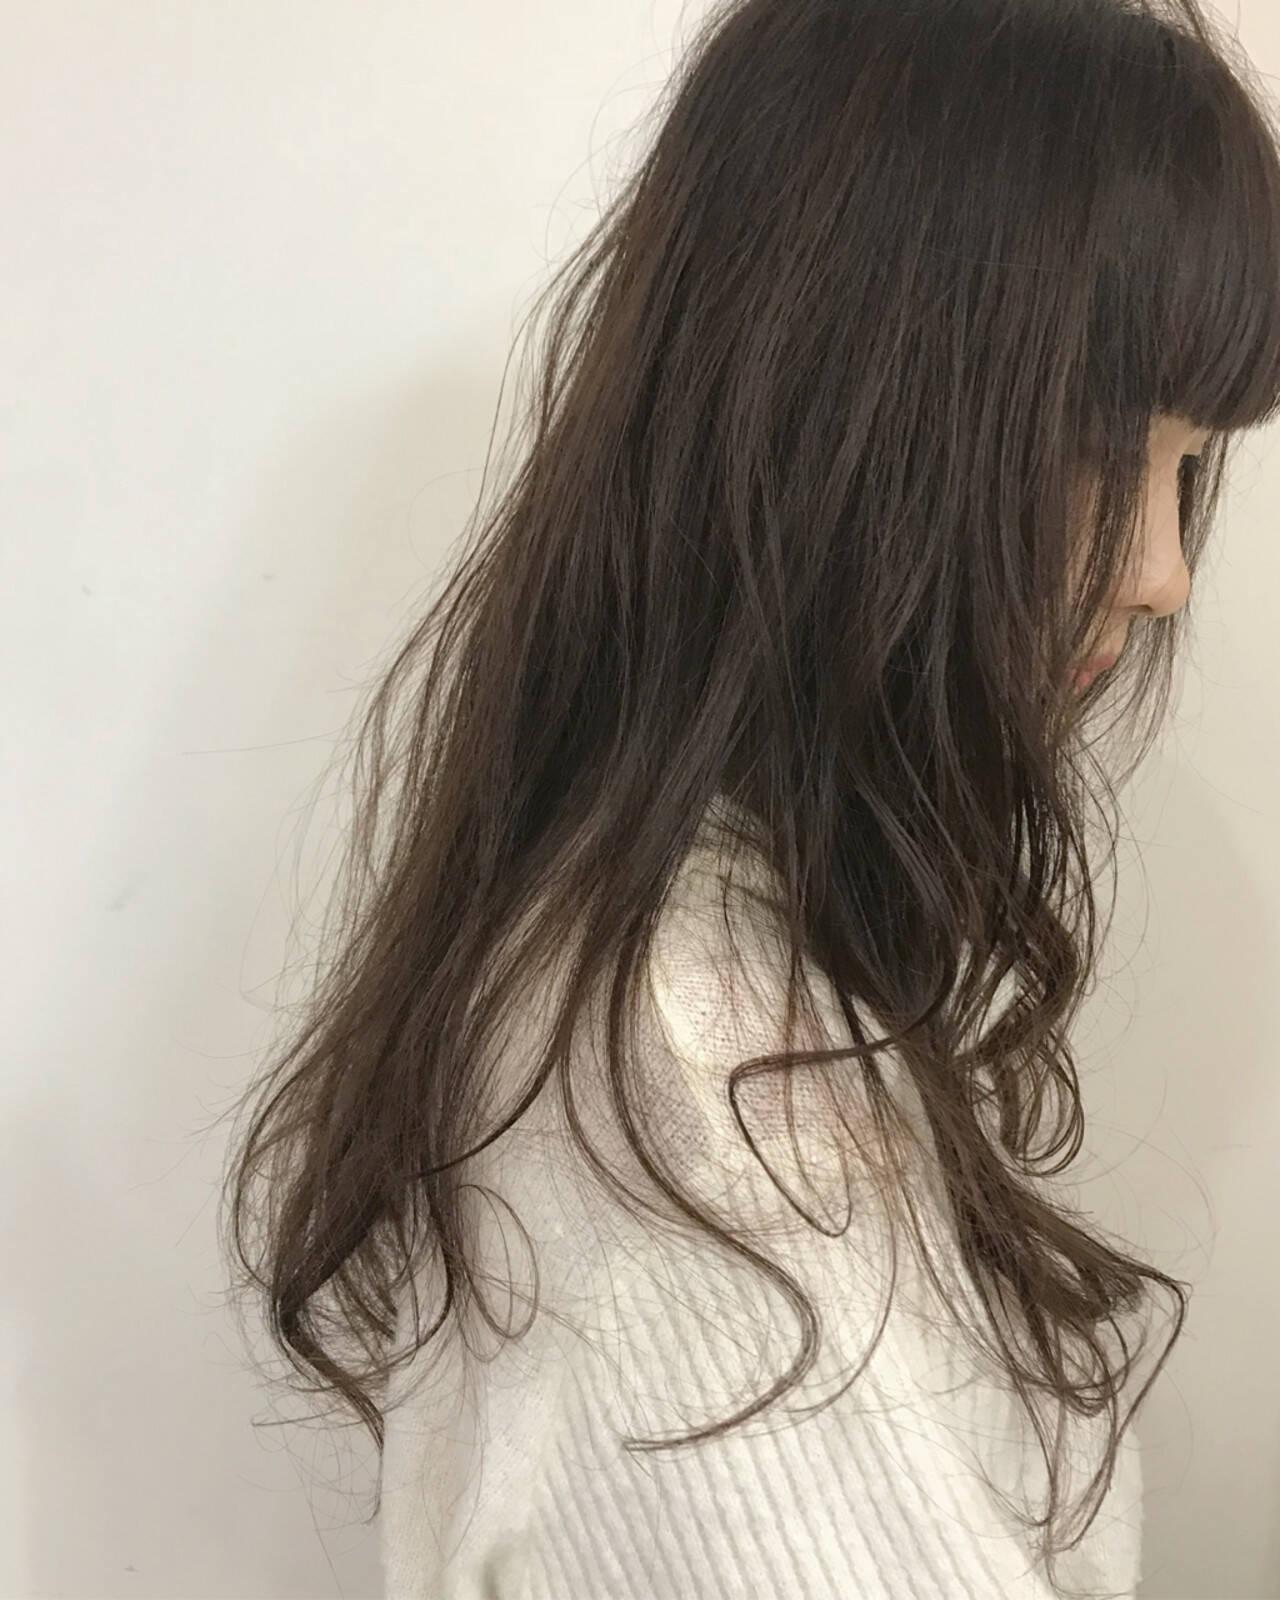 艶髪 外国人風カラー フェミニン アッシュブラウンヘアスタイルや髪型の写真・画像